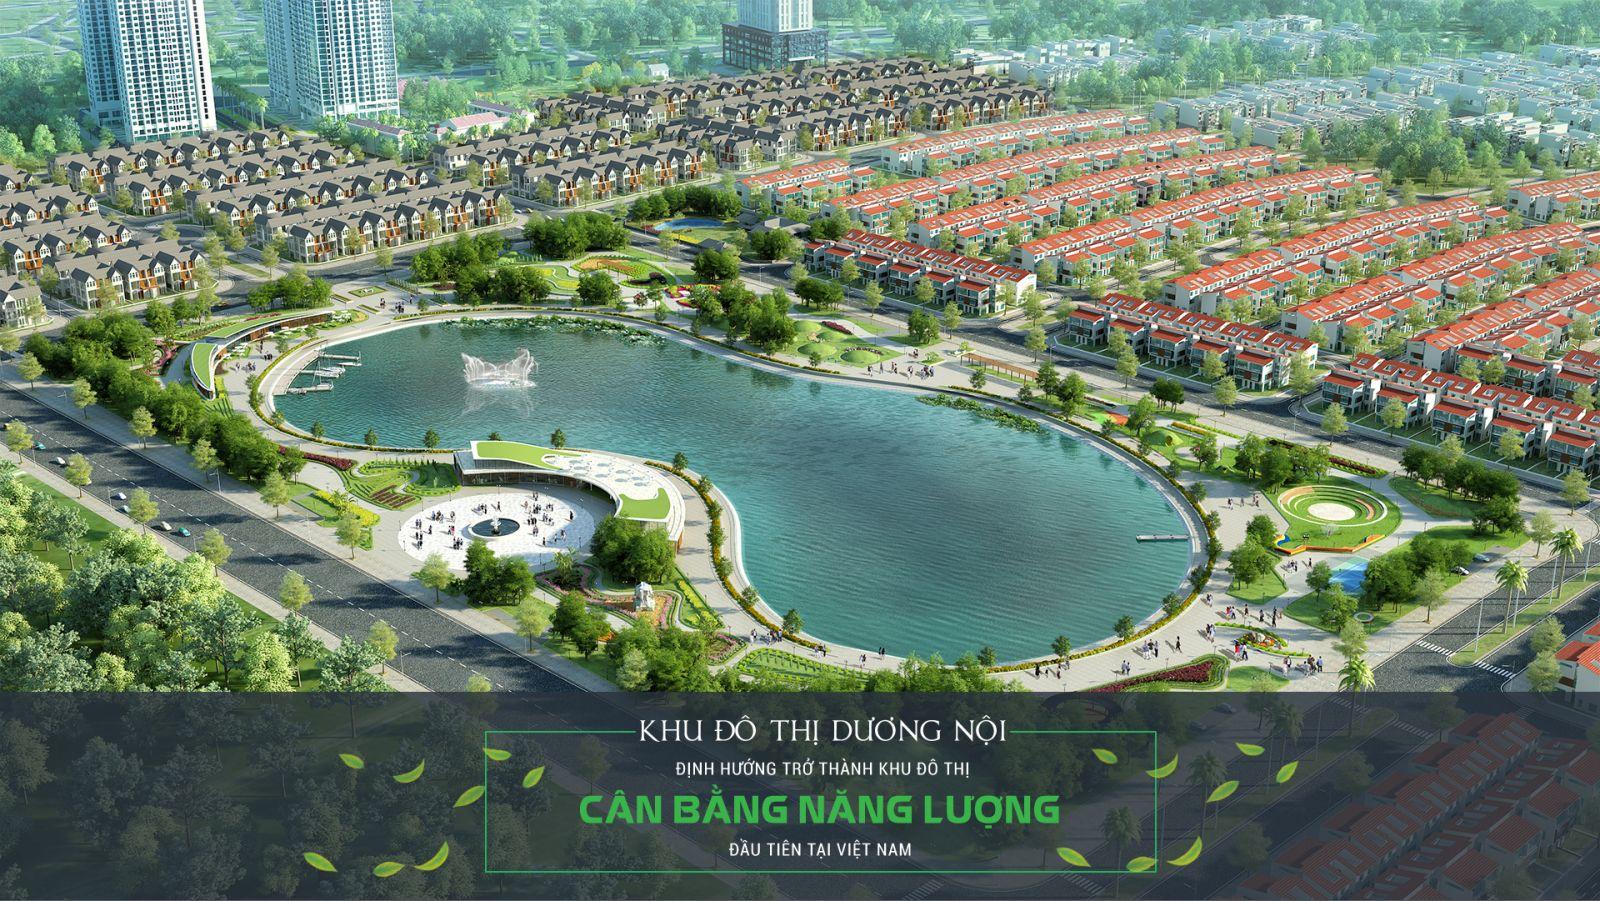 Công viên Thiên Văn học và hồ điều hòa Bách hợp thủy